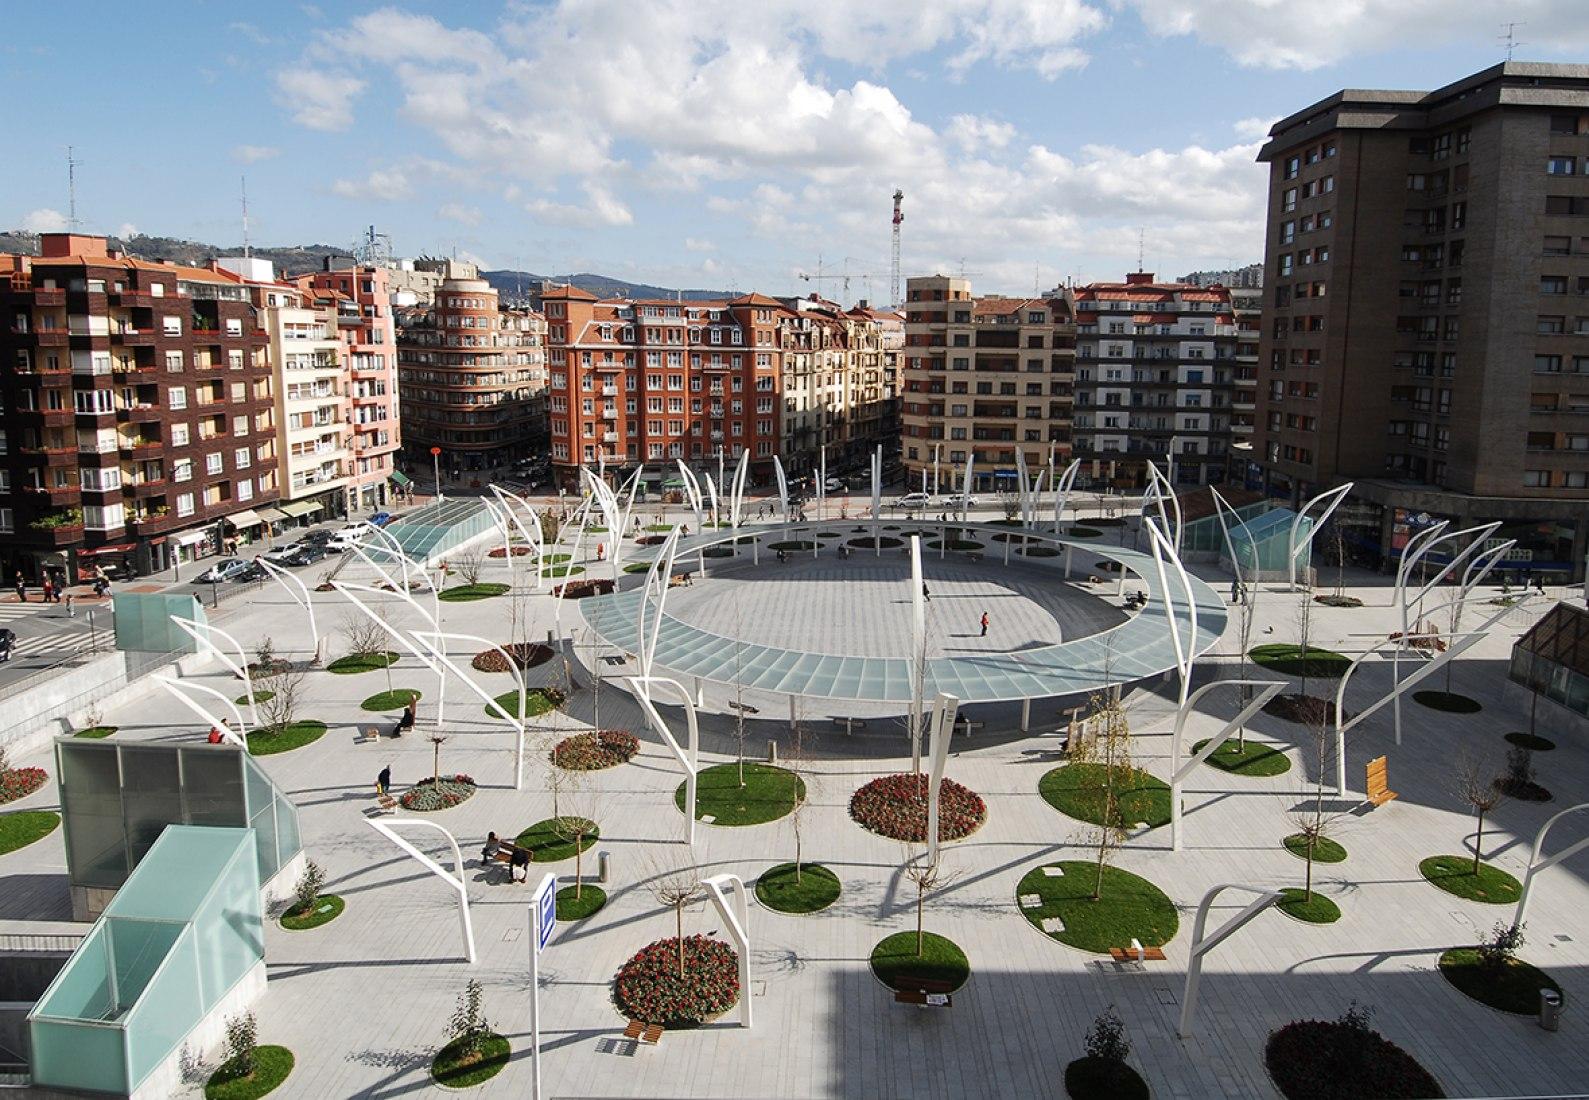 Vista exterior. Plaza Indautxu en Bilbao por JAAM sociedad de arquitectura. Fotografía © Elker Azketa.